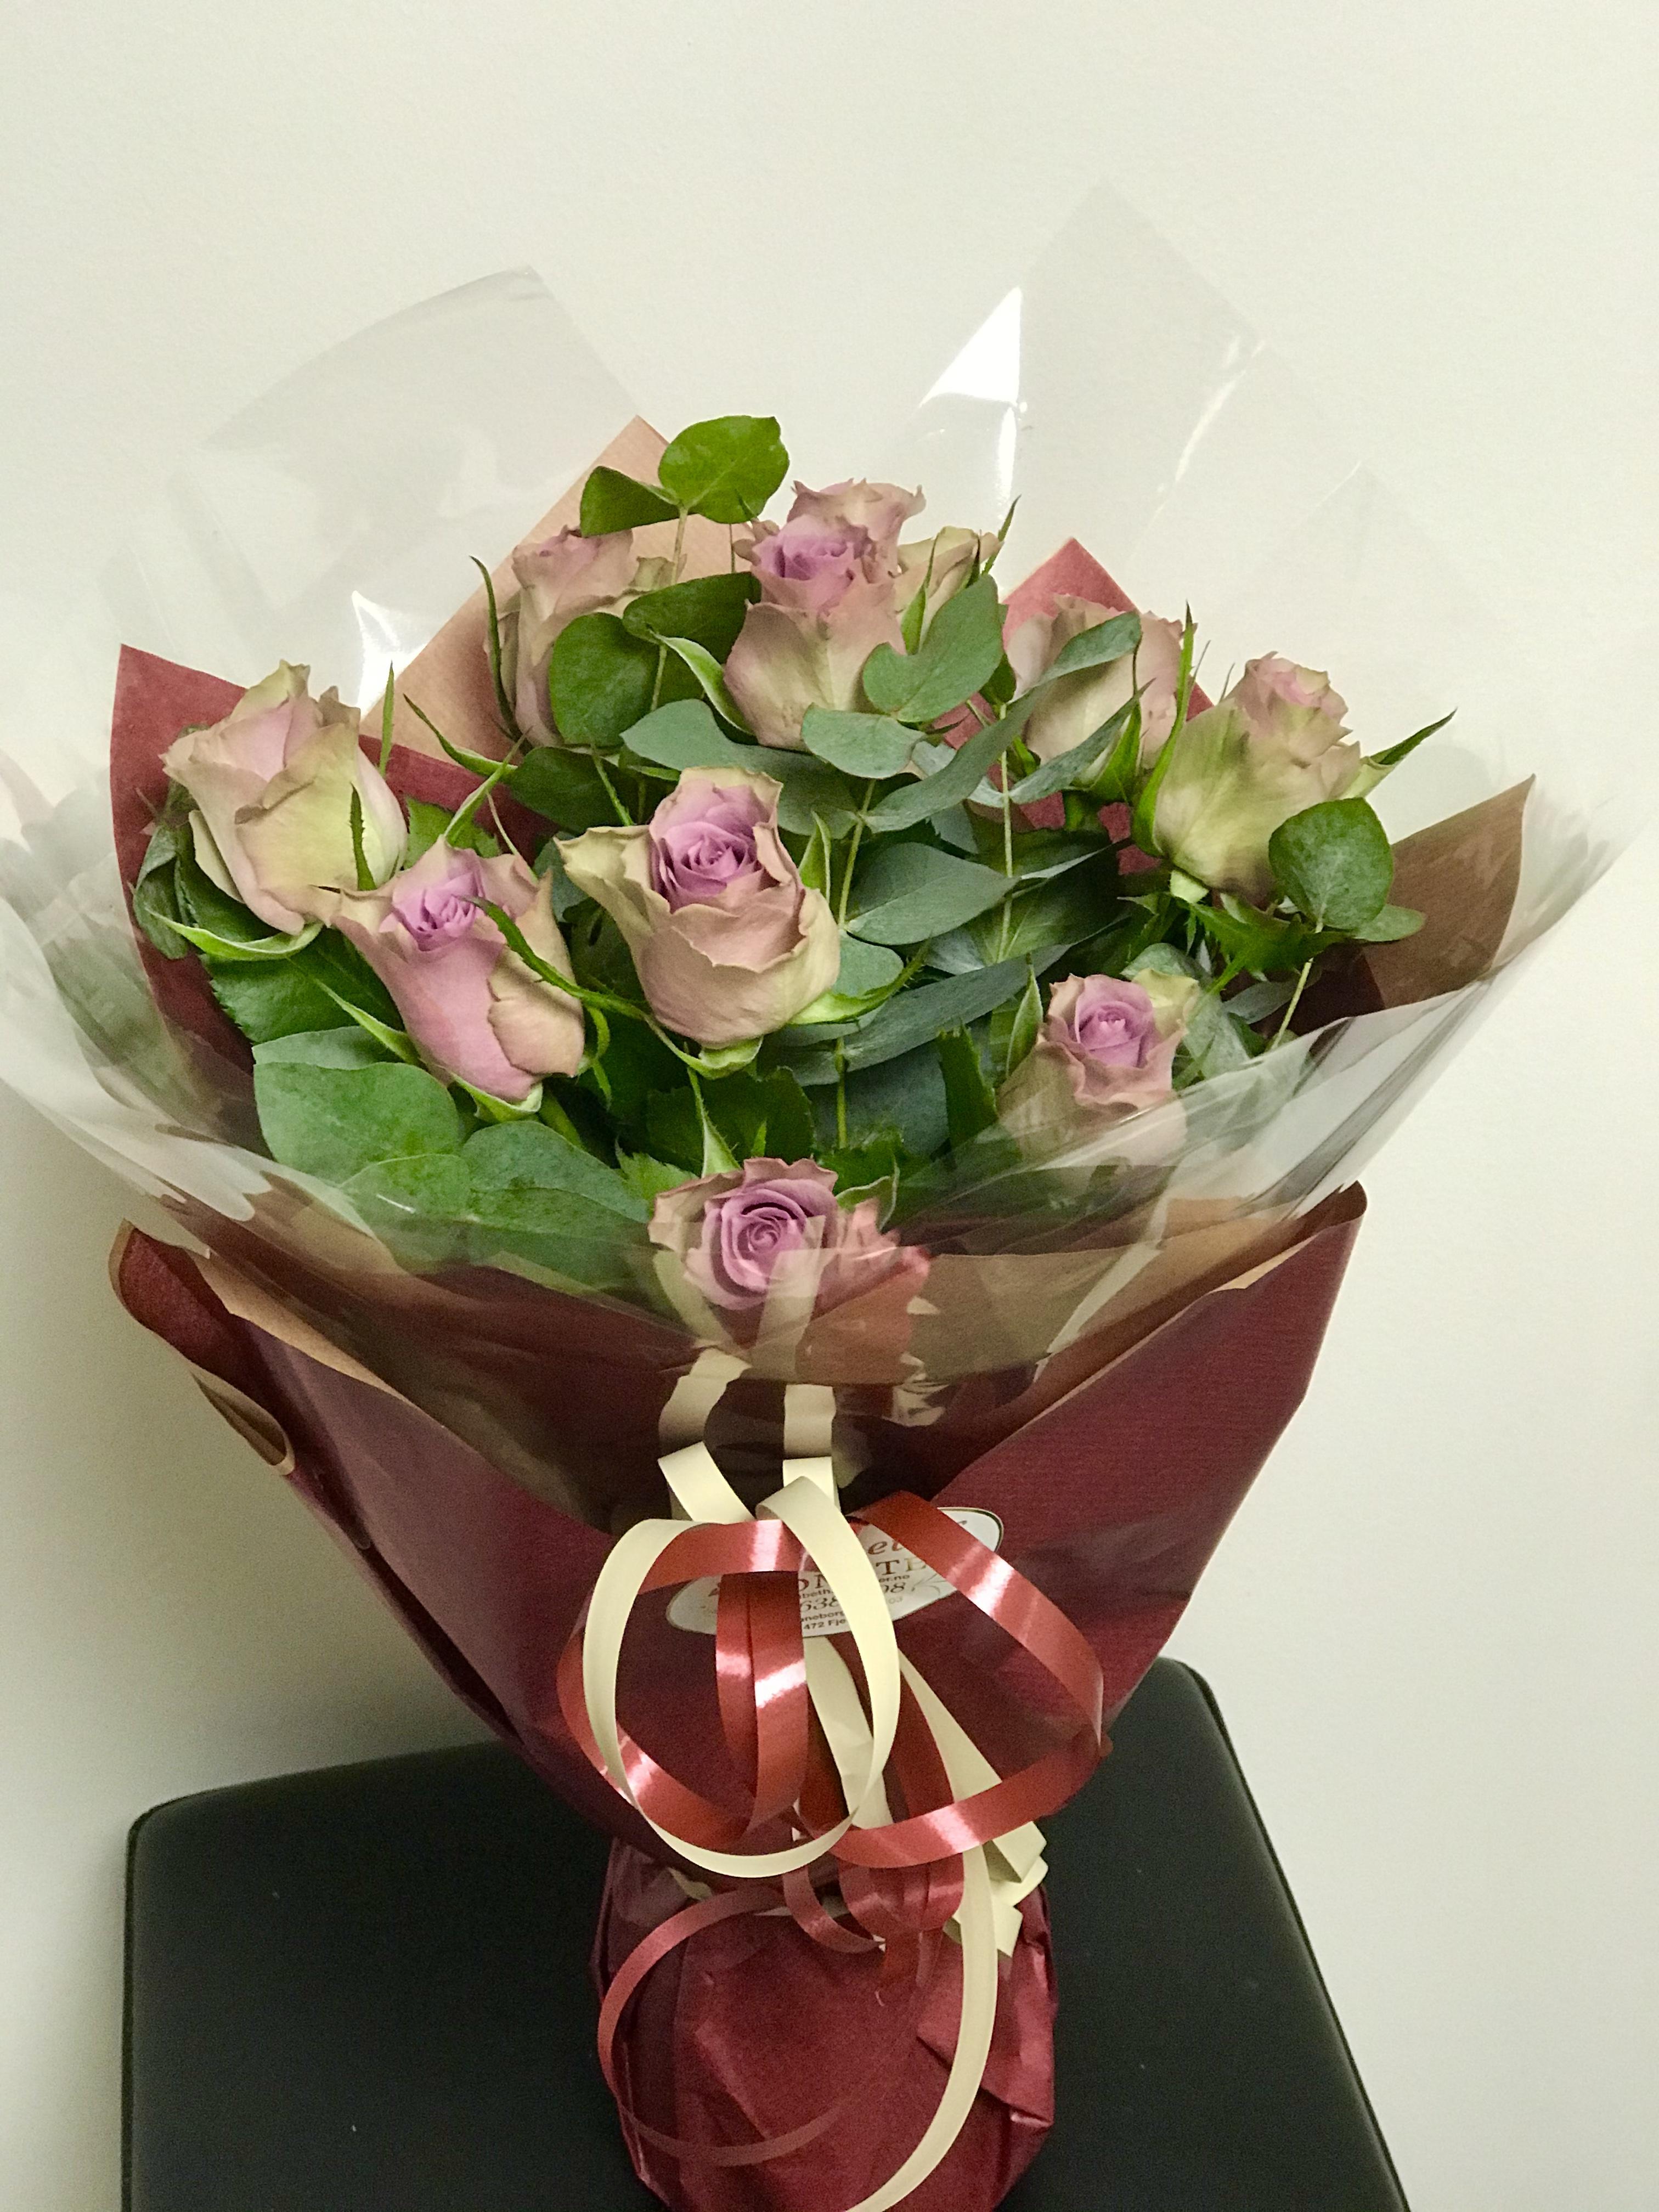 Roser i lilla med eukalyptus